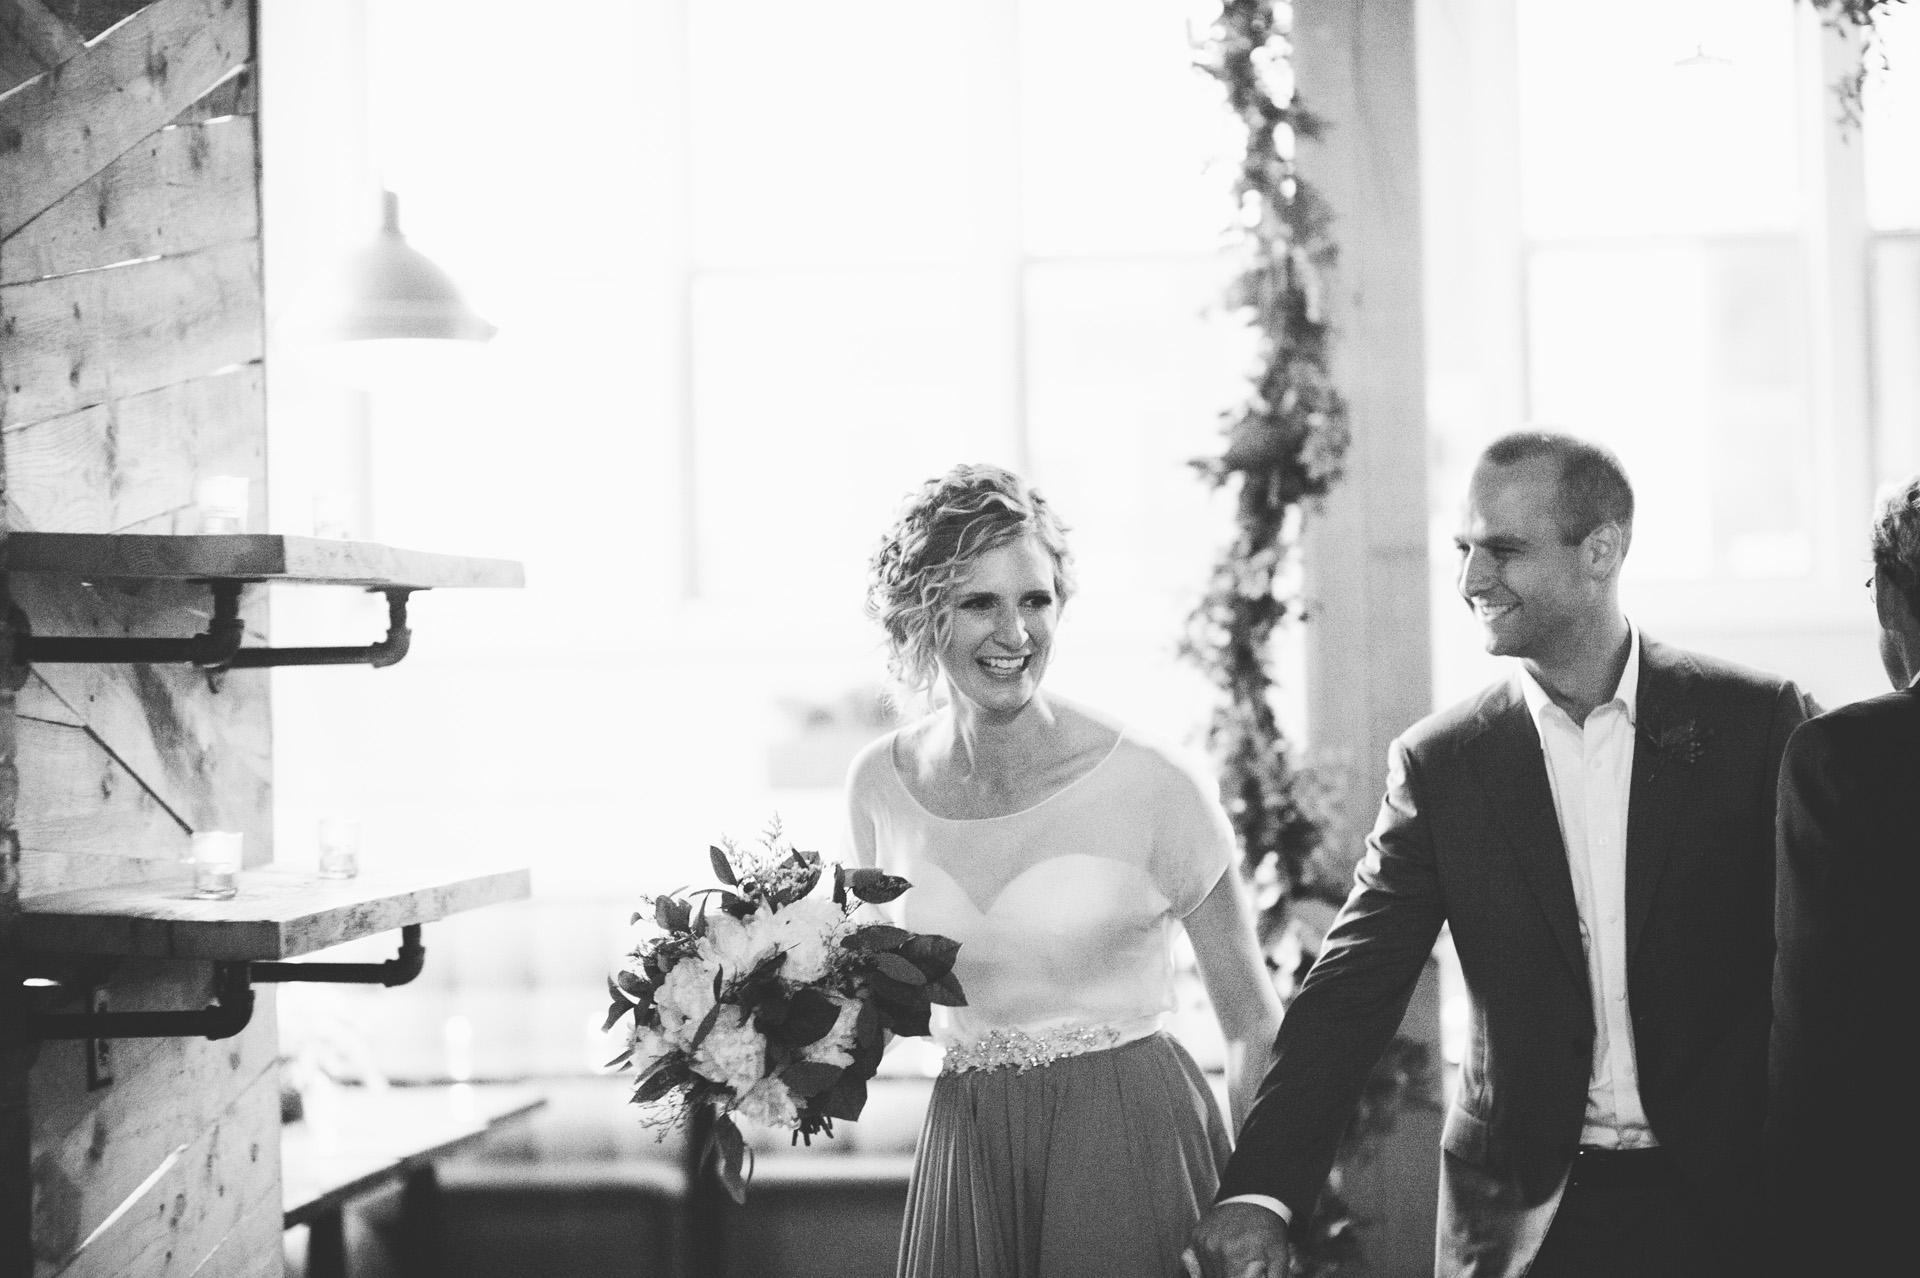 alden-harlow-wedding-photographer-47